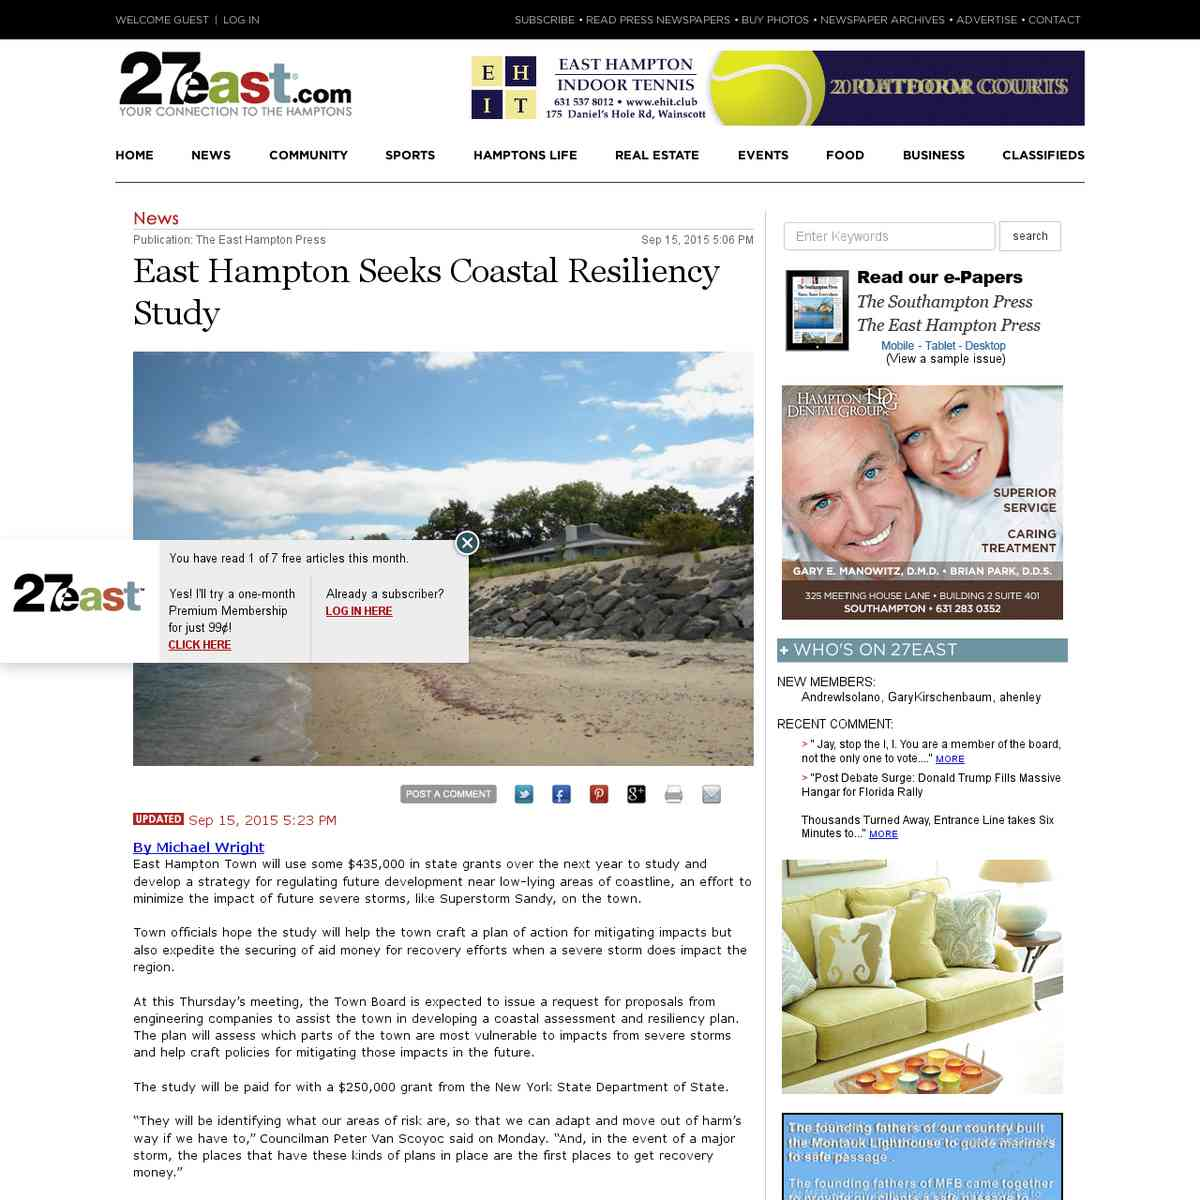 East Hampton Seeks Coastal Resiliency Study